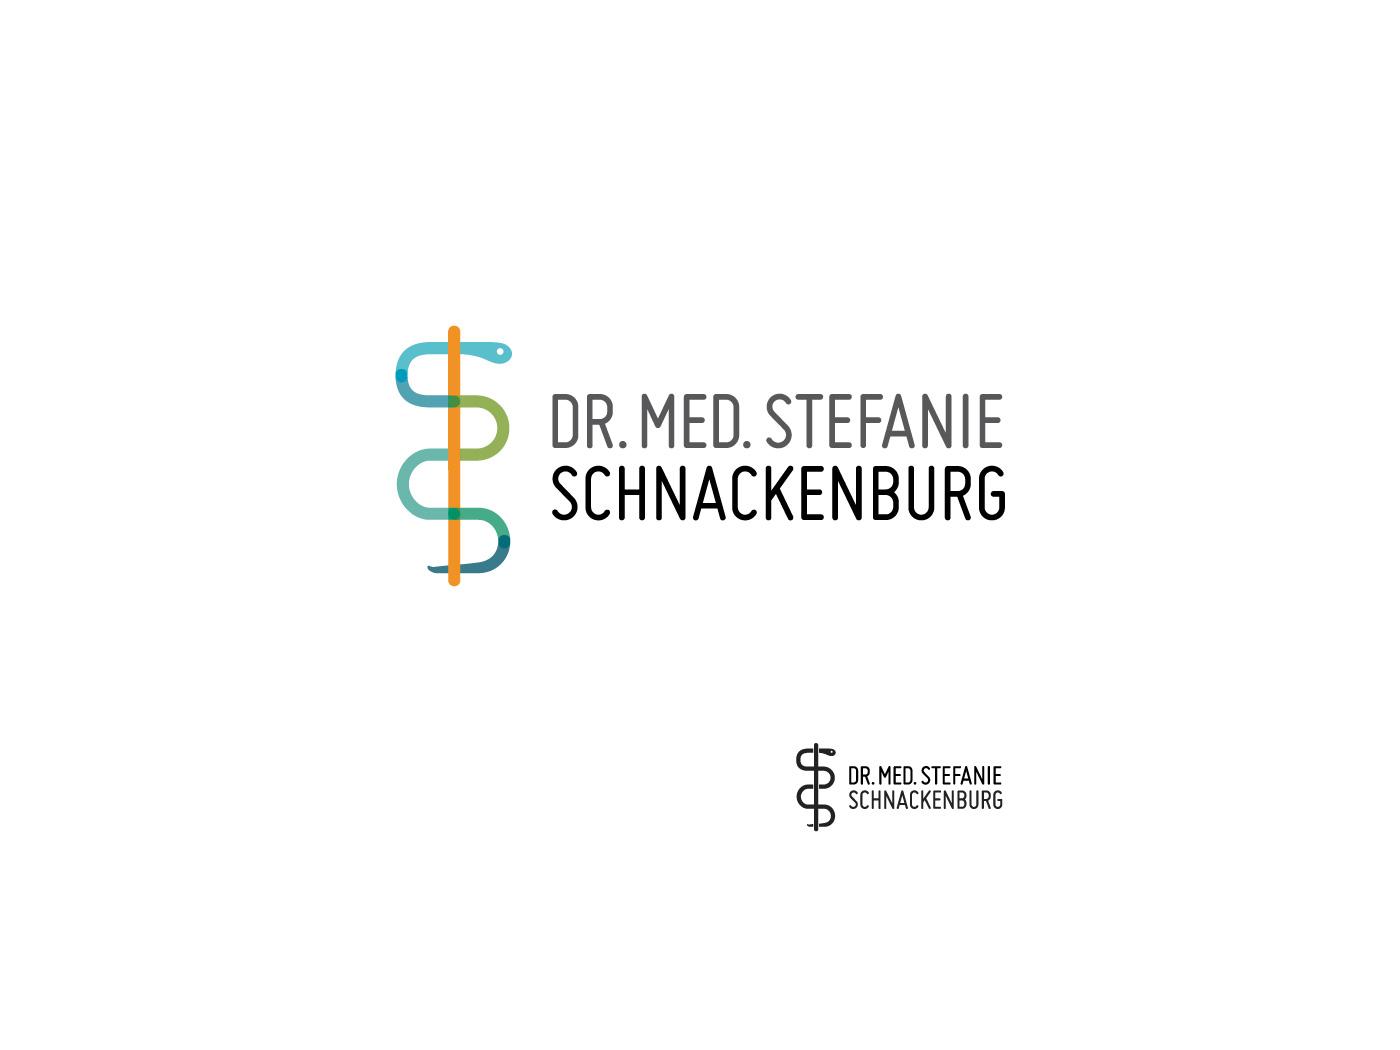 schnackenburg_logo_grafik_design_marina_marina_db_augsburg